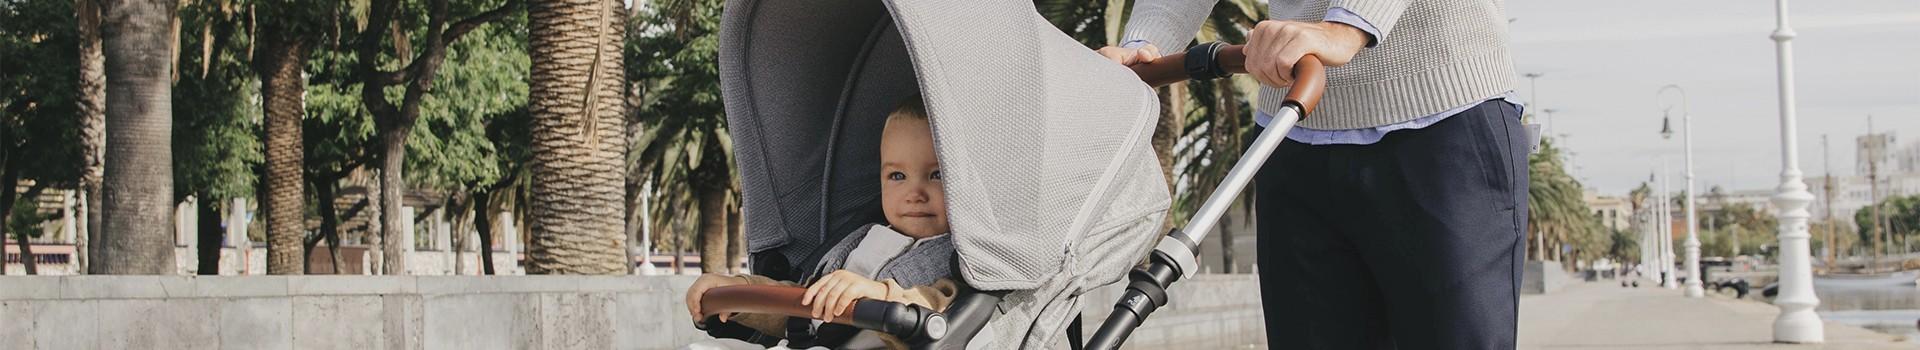 Cochecitos de bebé - Outlet | Outlet Oficial | Janeworld